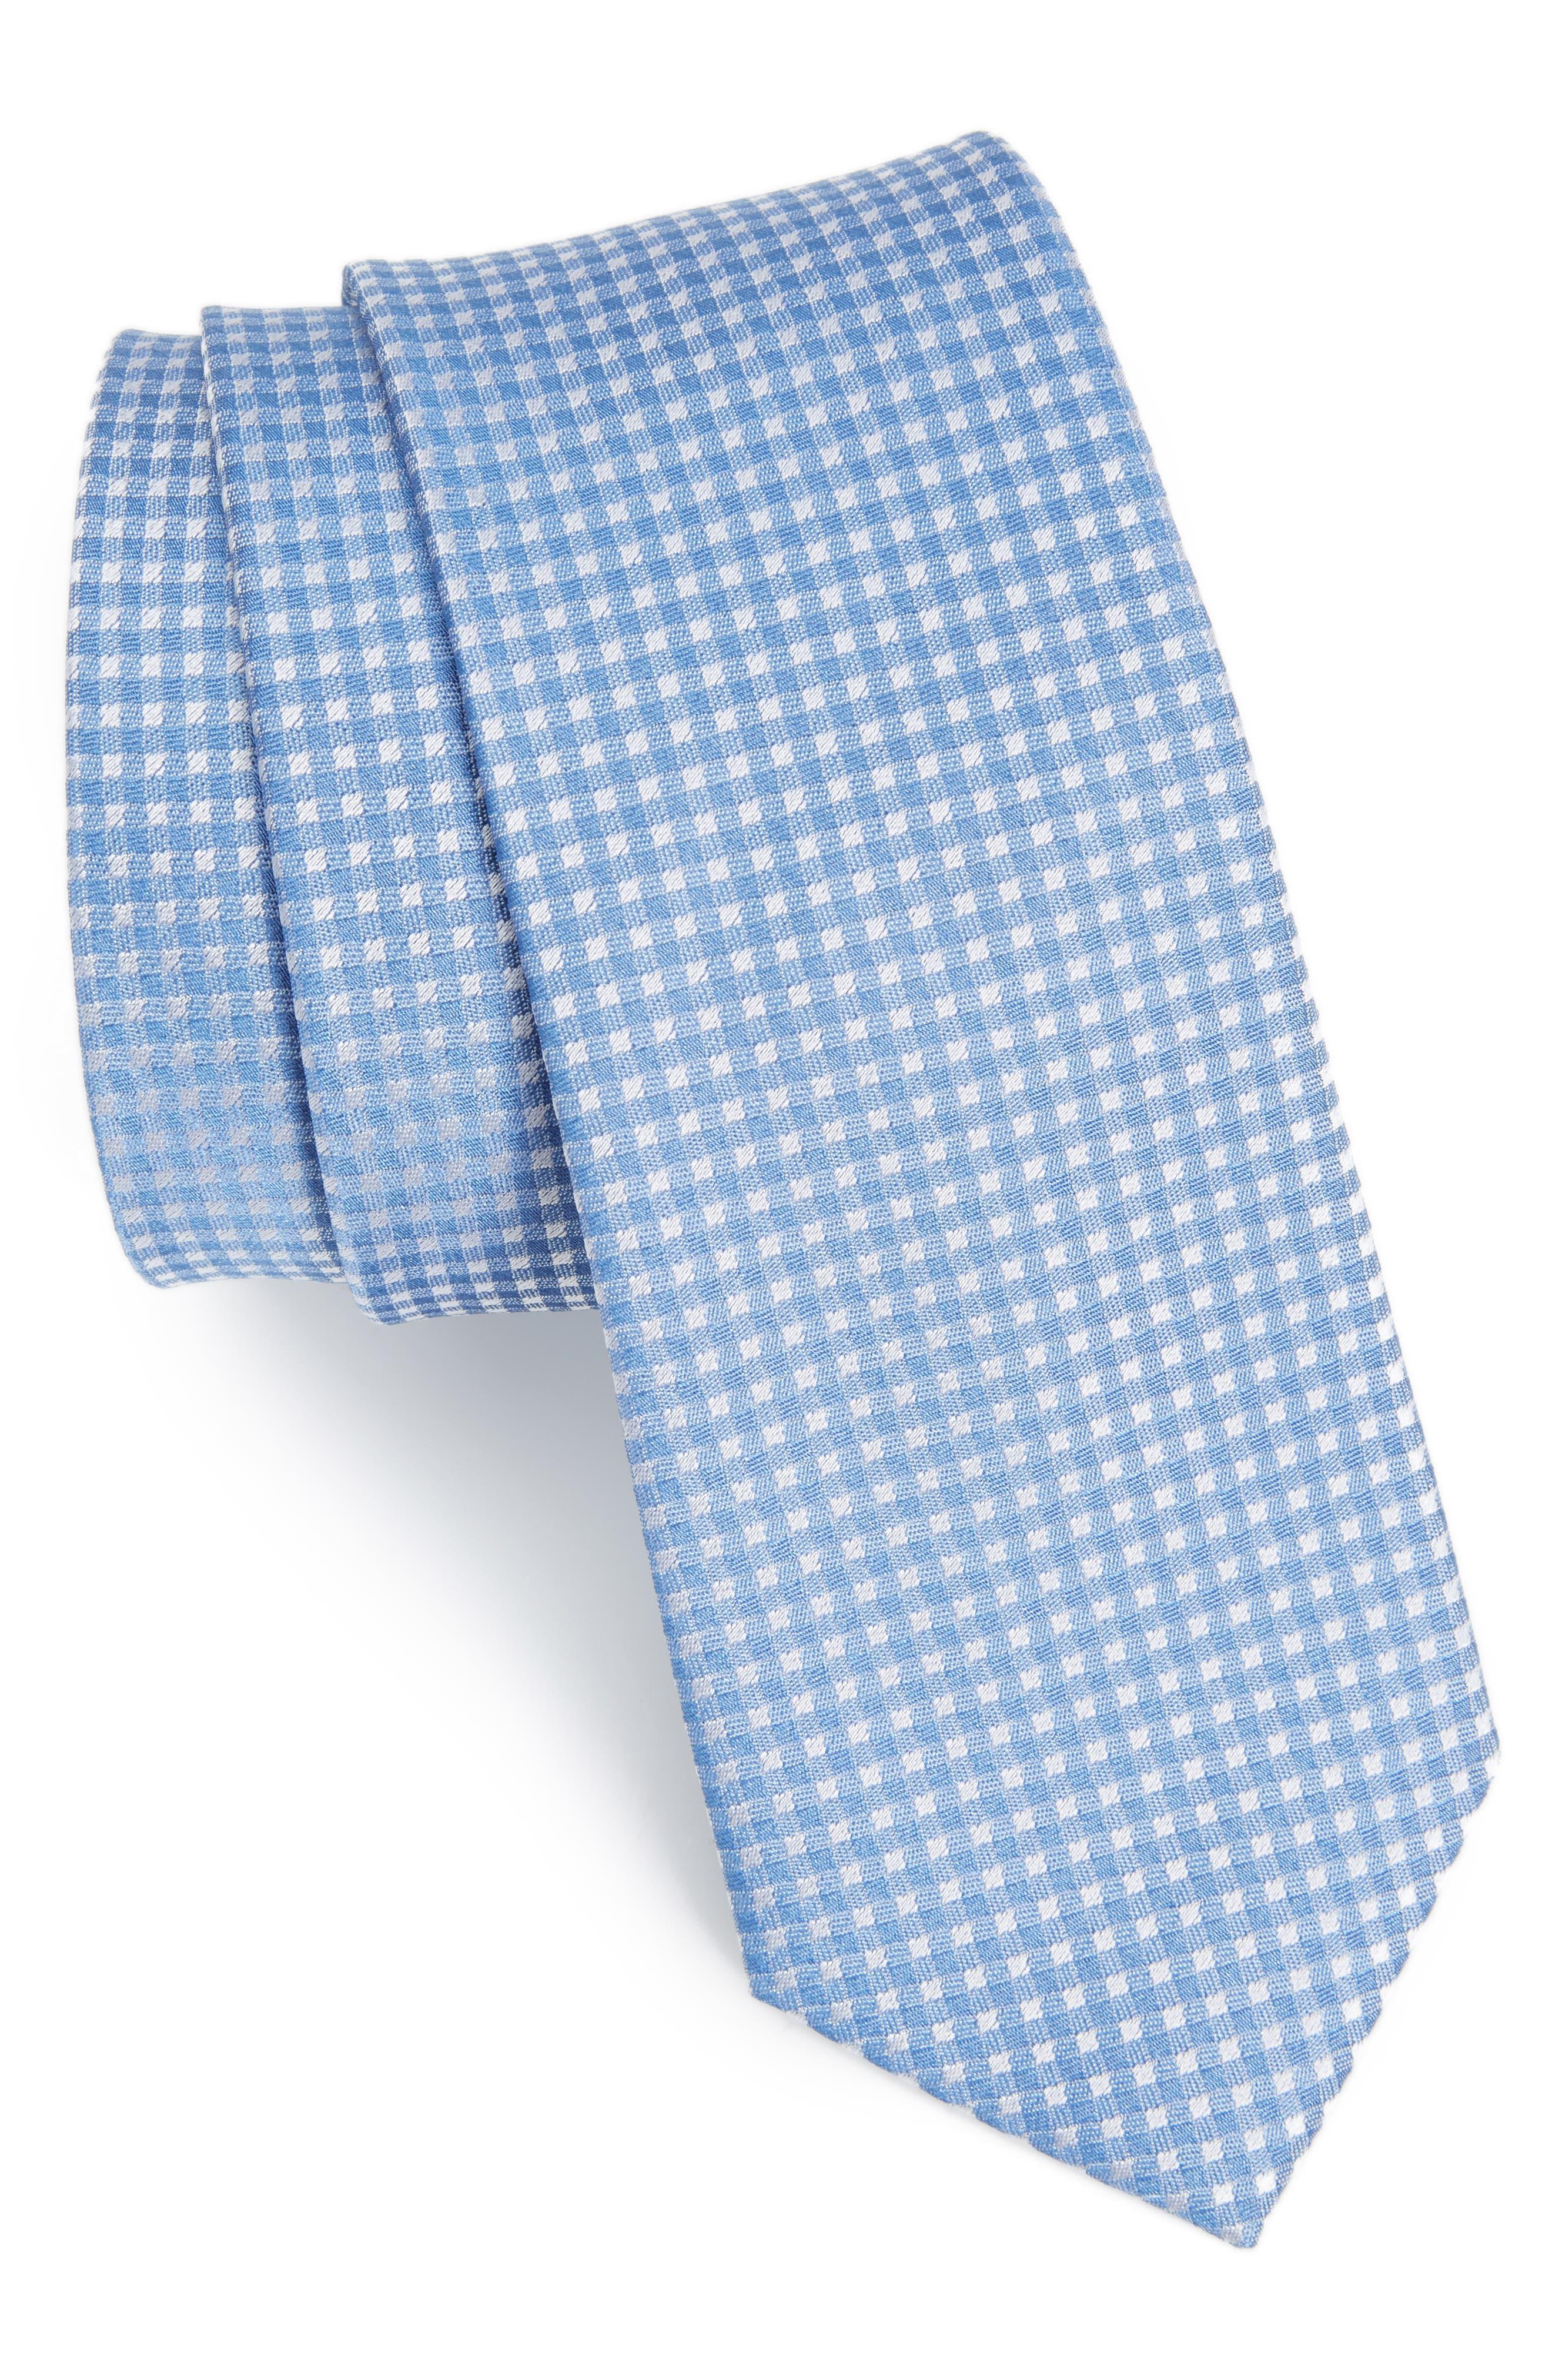 Main Image - The Tie Bar Bedrock Floral Silk Tie